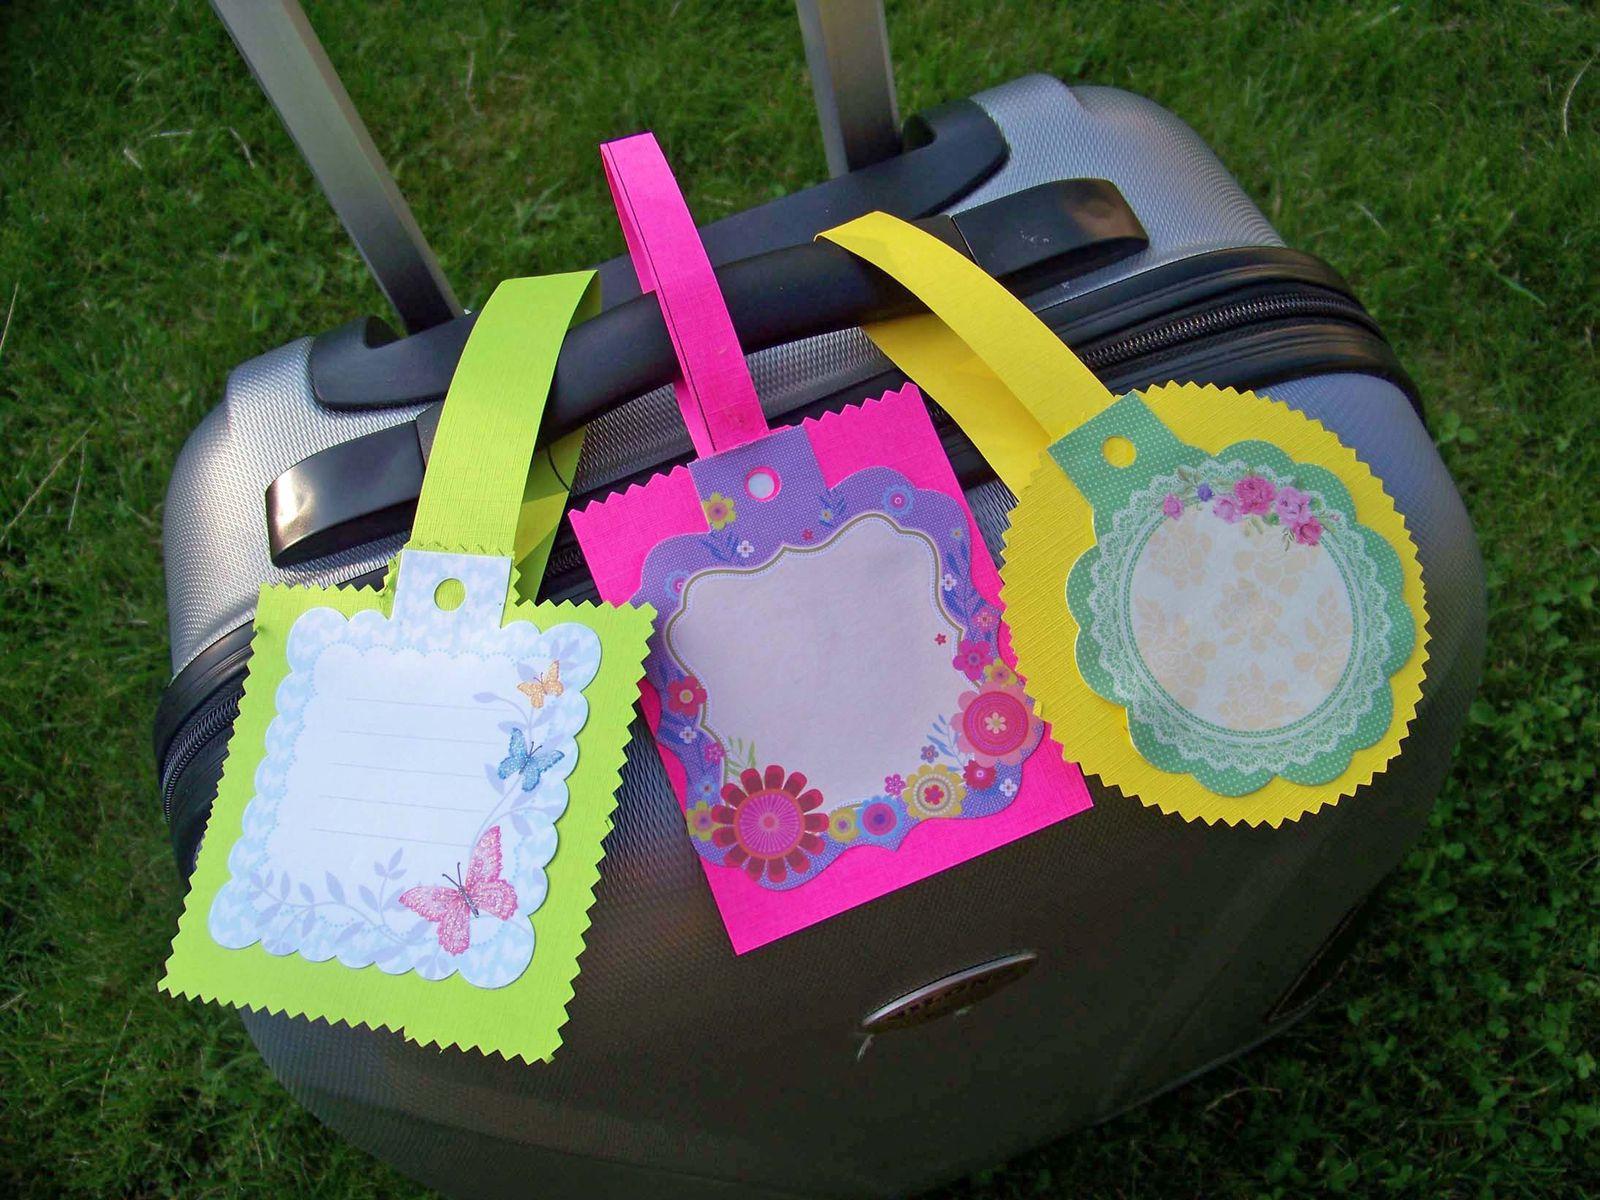 Etiquettes à bagages fluo !